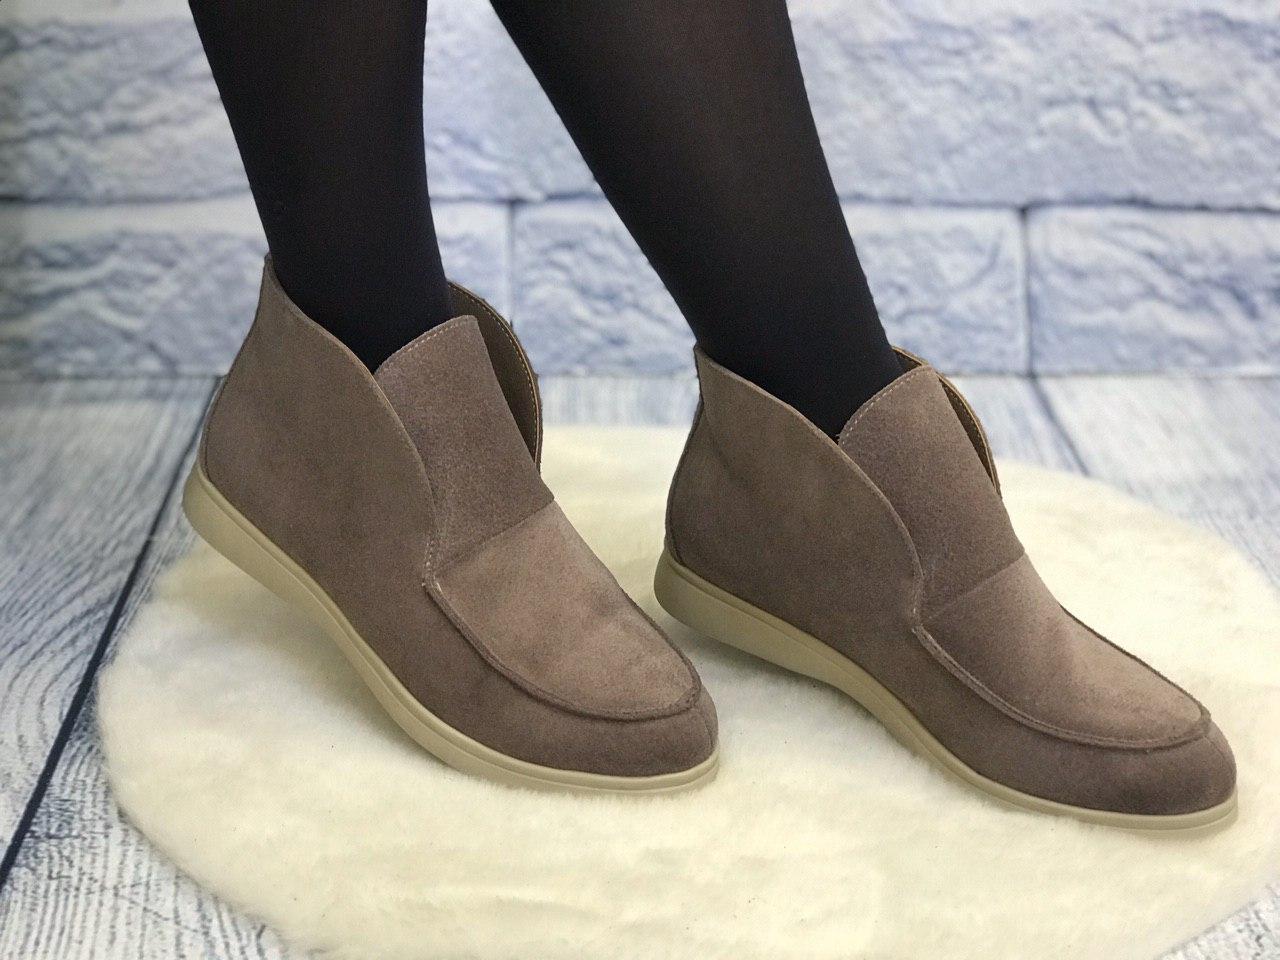 Удобные и стильные замшевые туфли лоферы женские весна лето осень кожа размеры 36-40